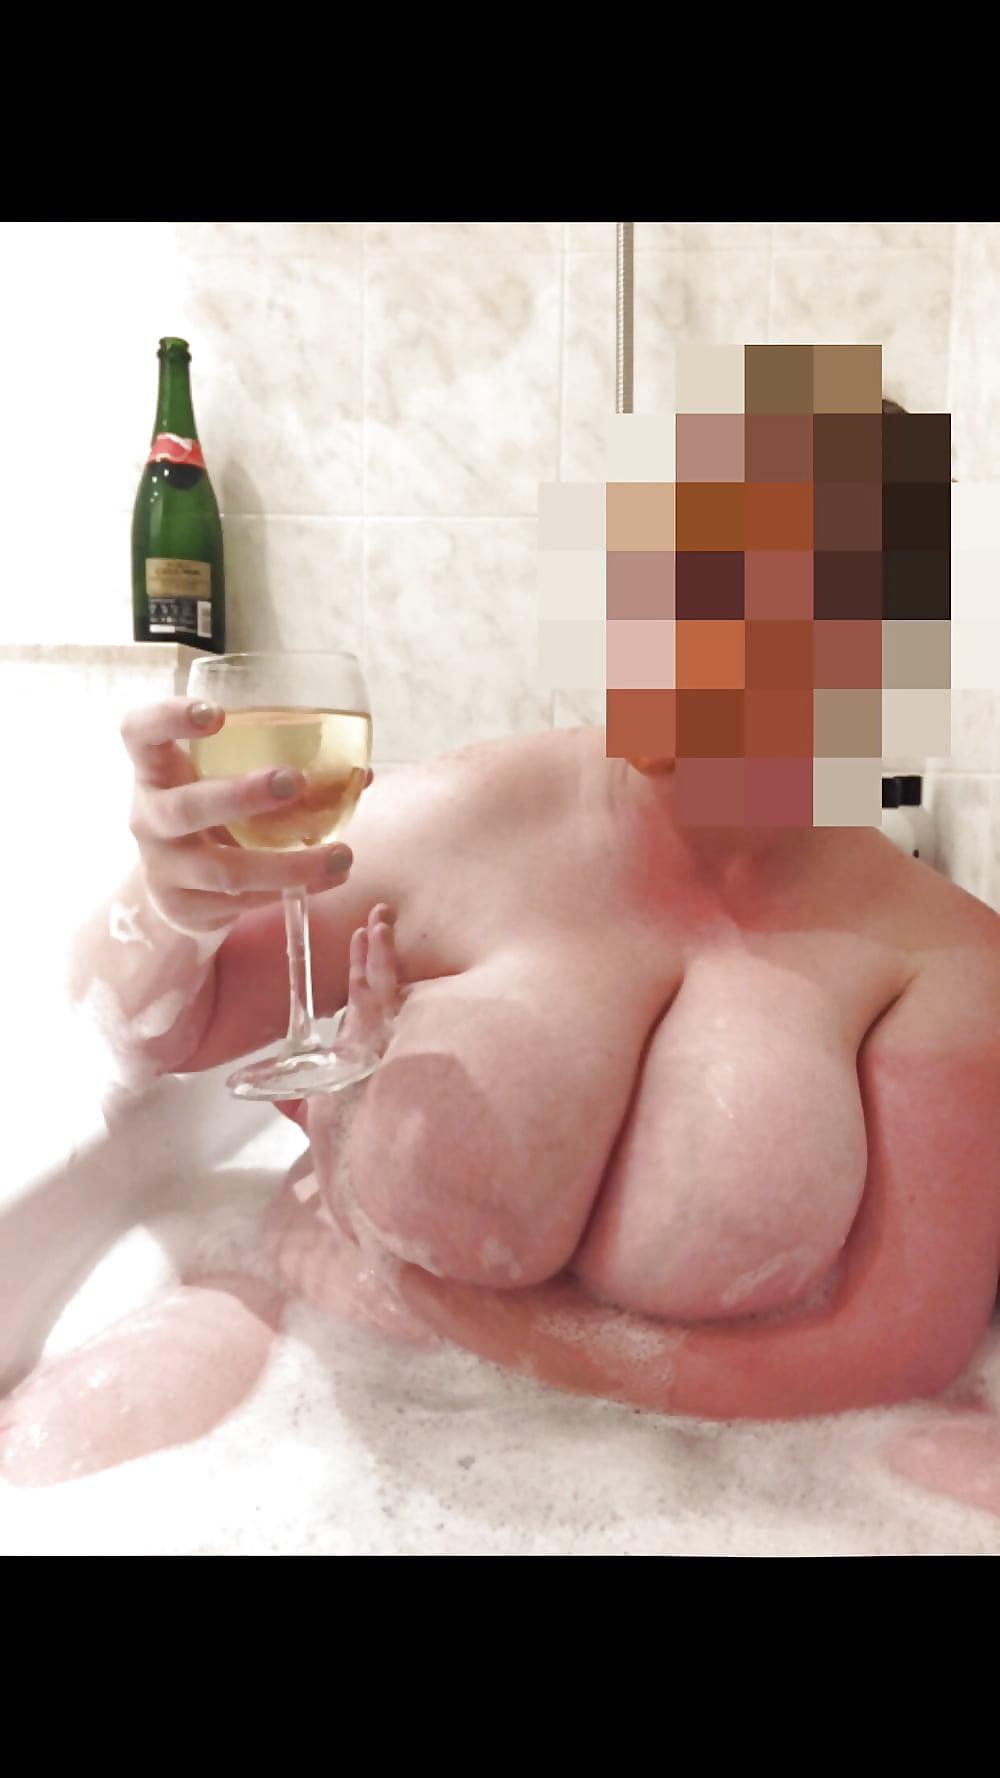 Hot naked tits pics-4419